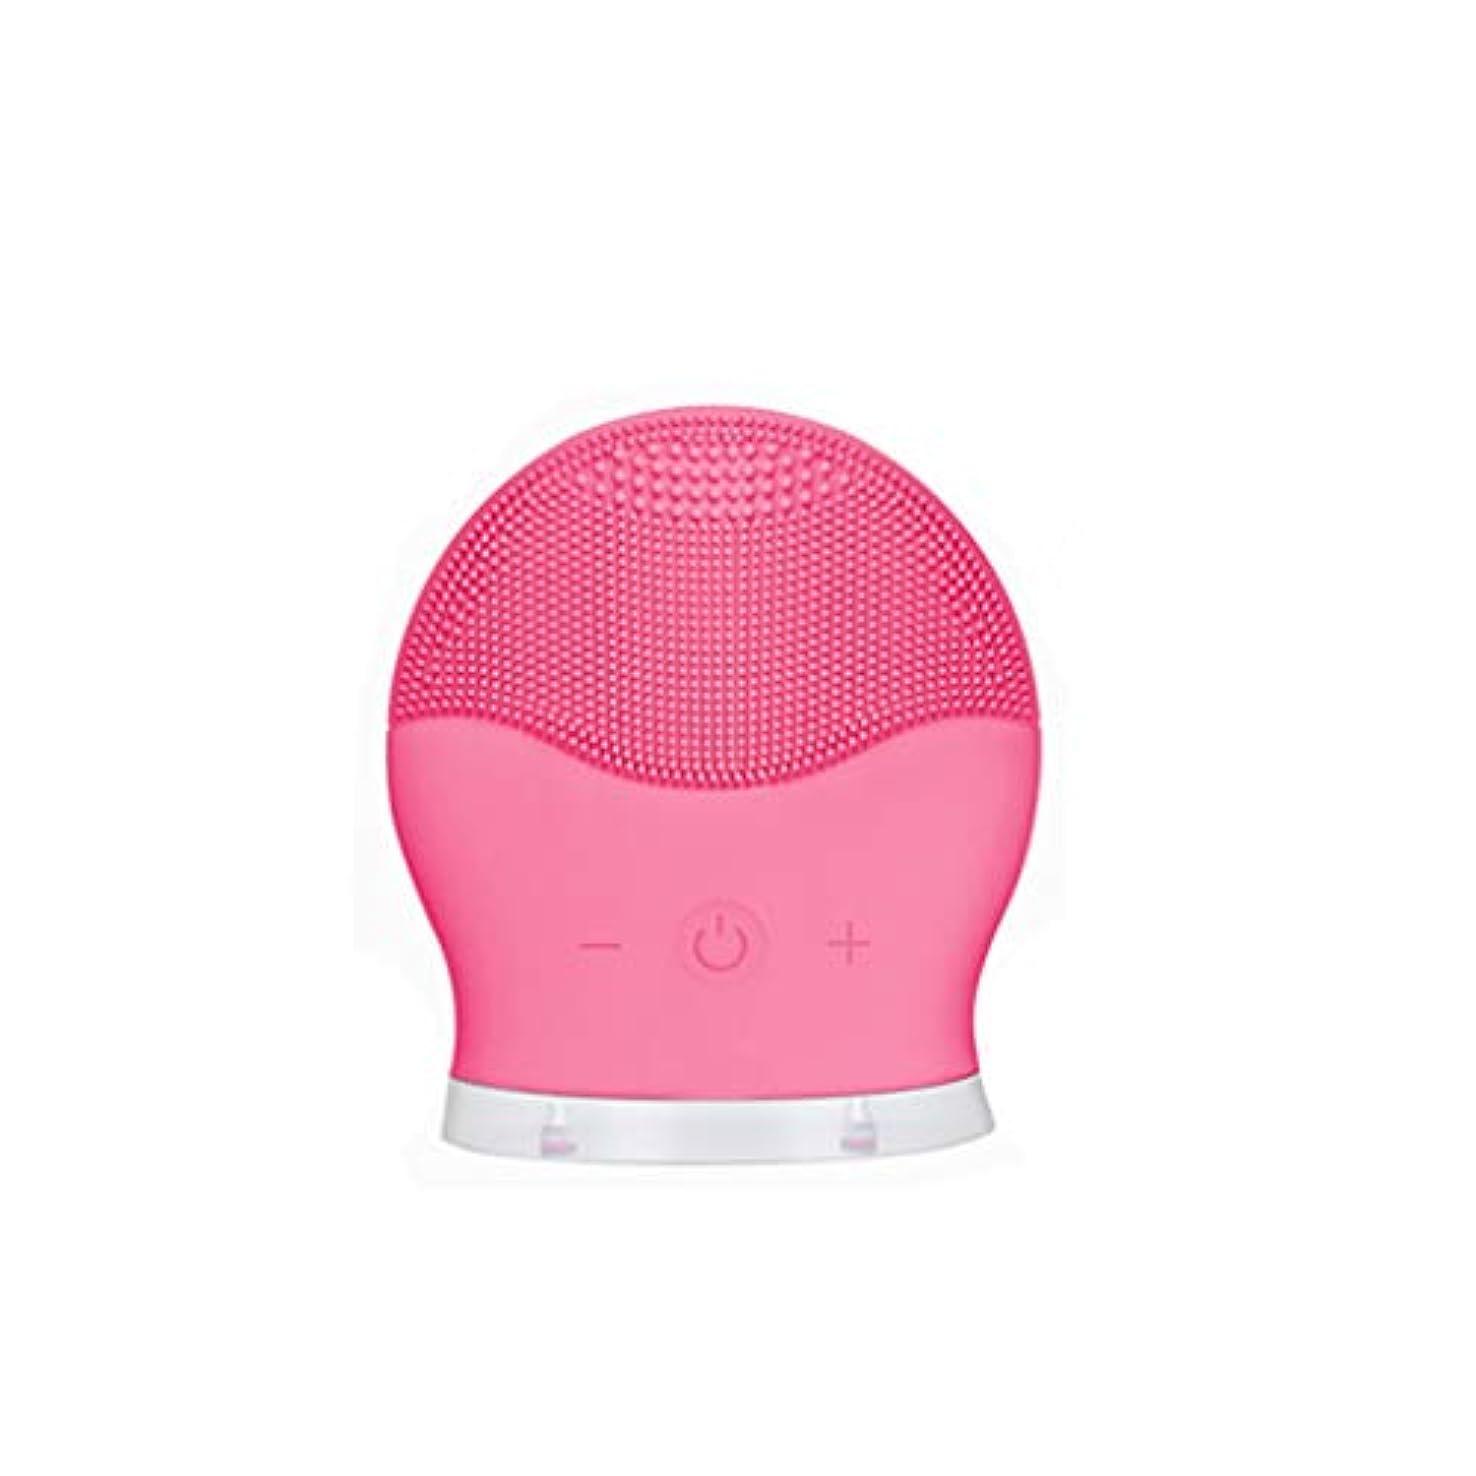 または豪華な助けてポータブル超音波振動シリコーンクレンジング機器、アンチエイジング顔マッサージ、毛穴を減らすために、皮膚を改善する剥離,Rosered